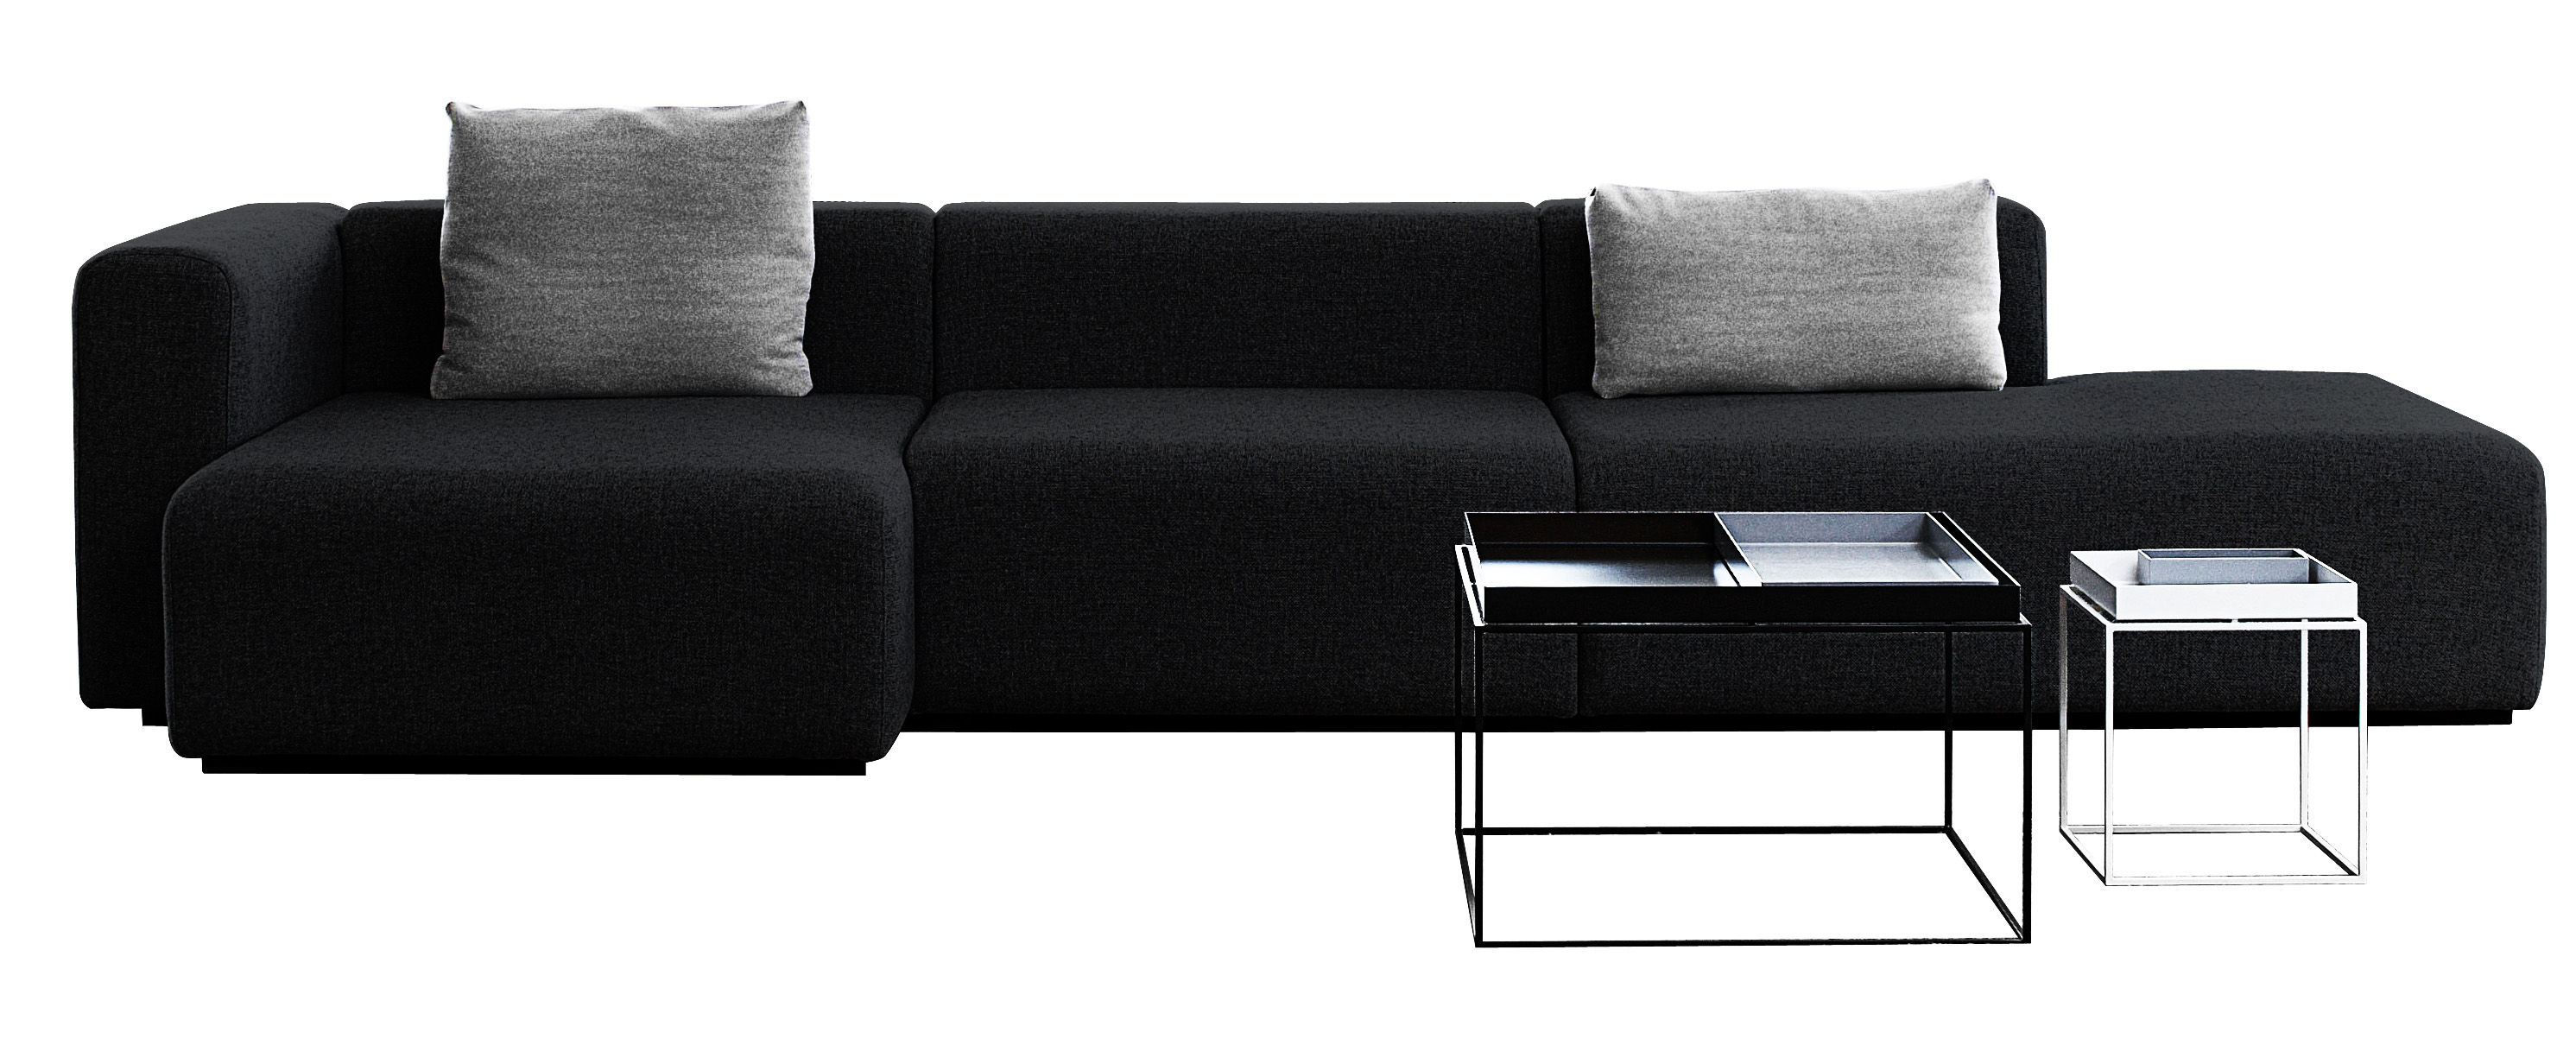 Furniture - Sofas - Mags Corner sofa - L 342 cm - Left armrest by Hay - Dark grey - Left armrest - Fabric